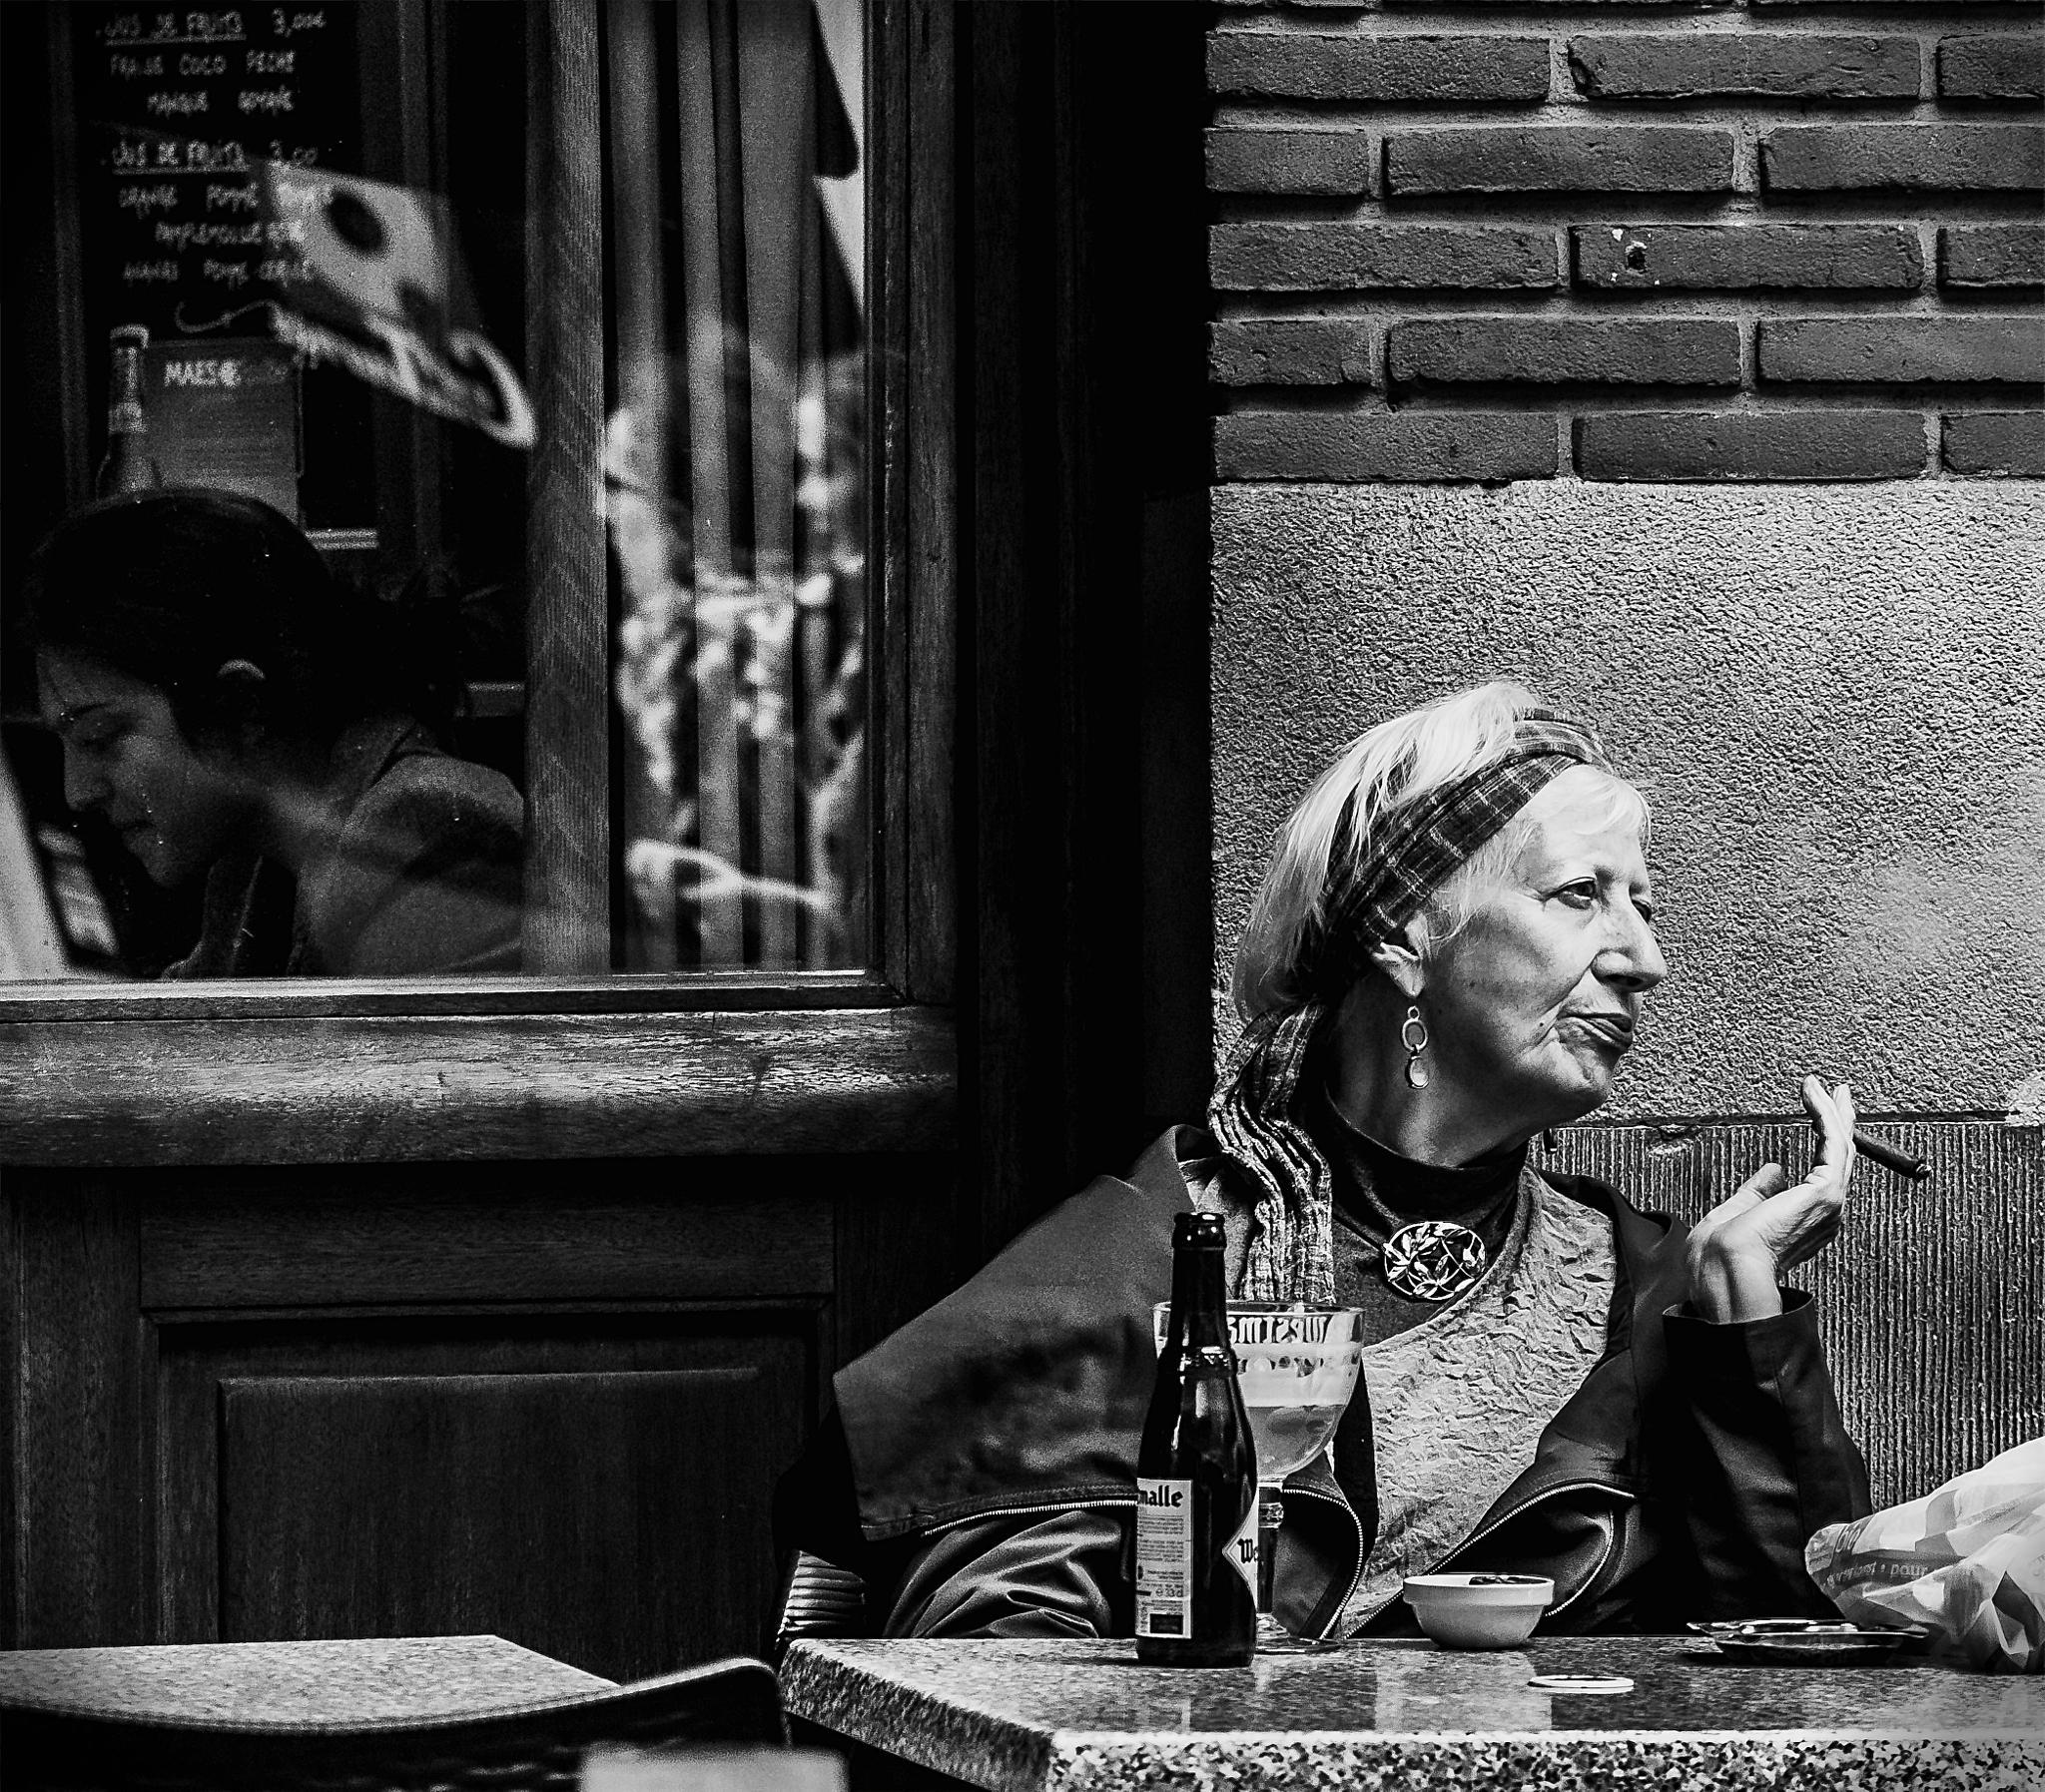 Smoking by alexandre duarte